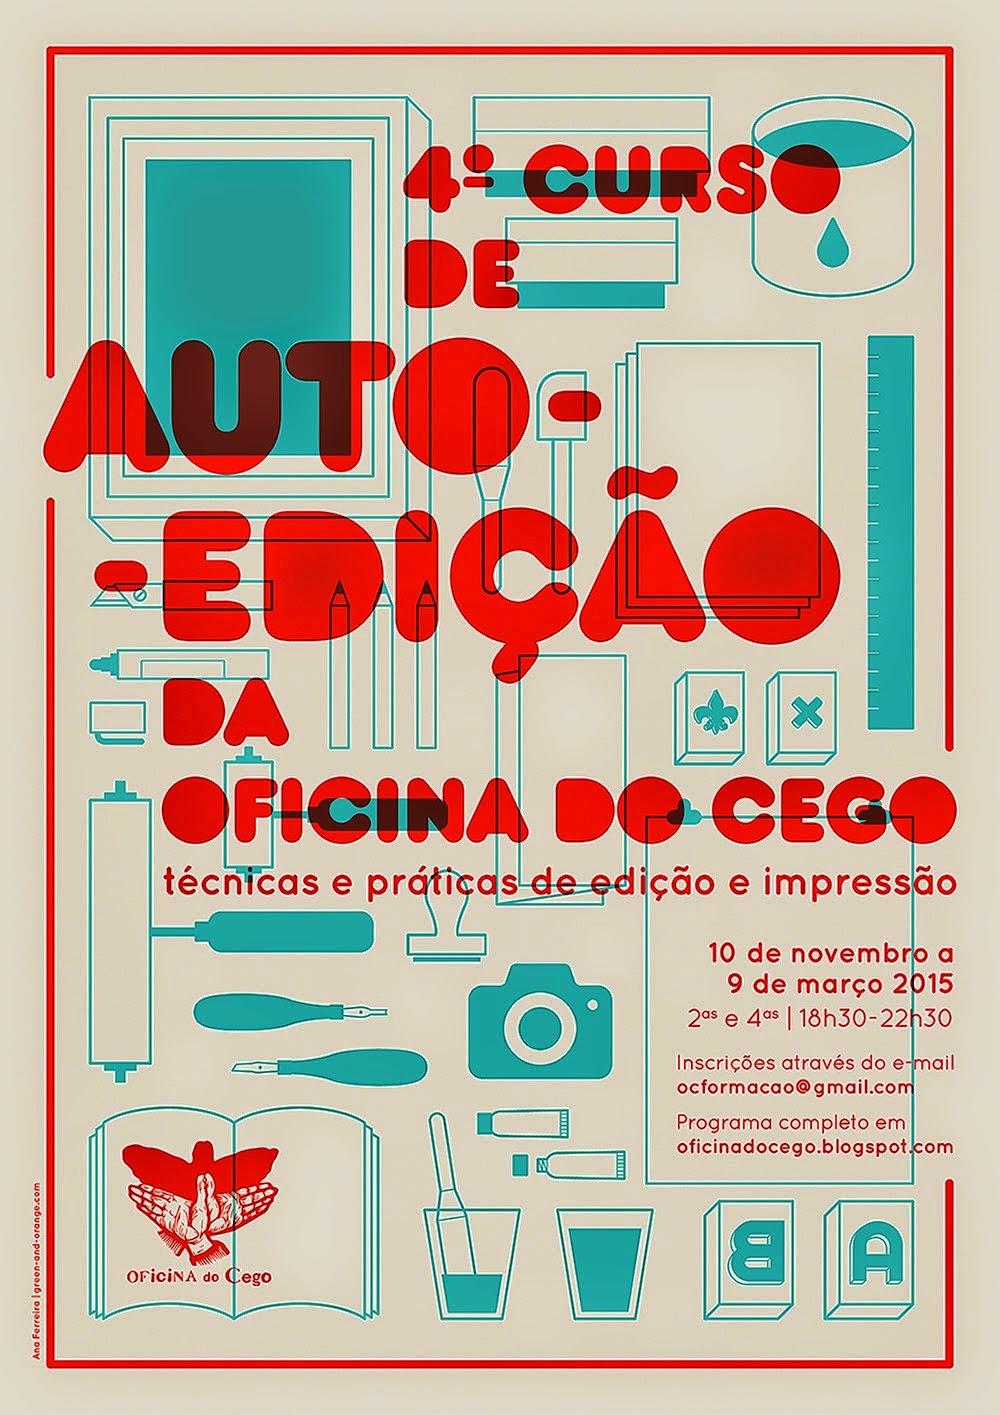 4º CURSO DE AUTO-EDIÇÃO